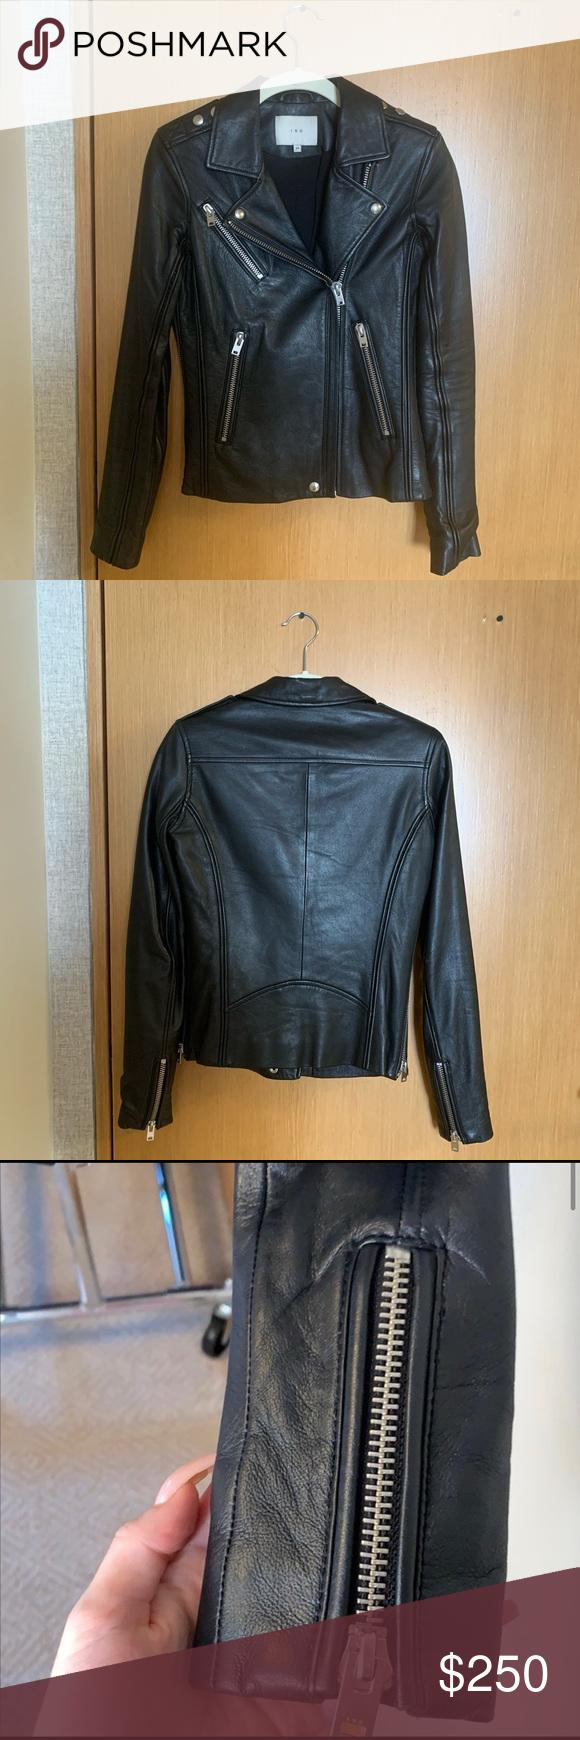 Iro Black Leather Jacket Leather Jacket Black Leather Jacket Black Leather [ 1740 x 580 Pixel ]